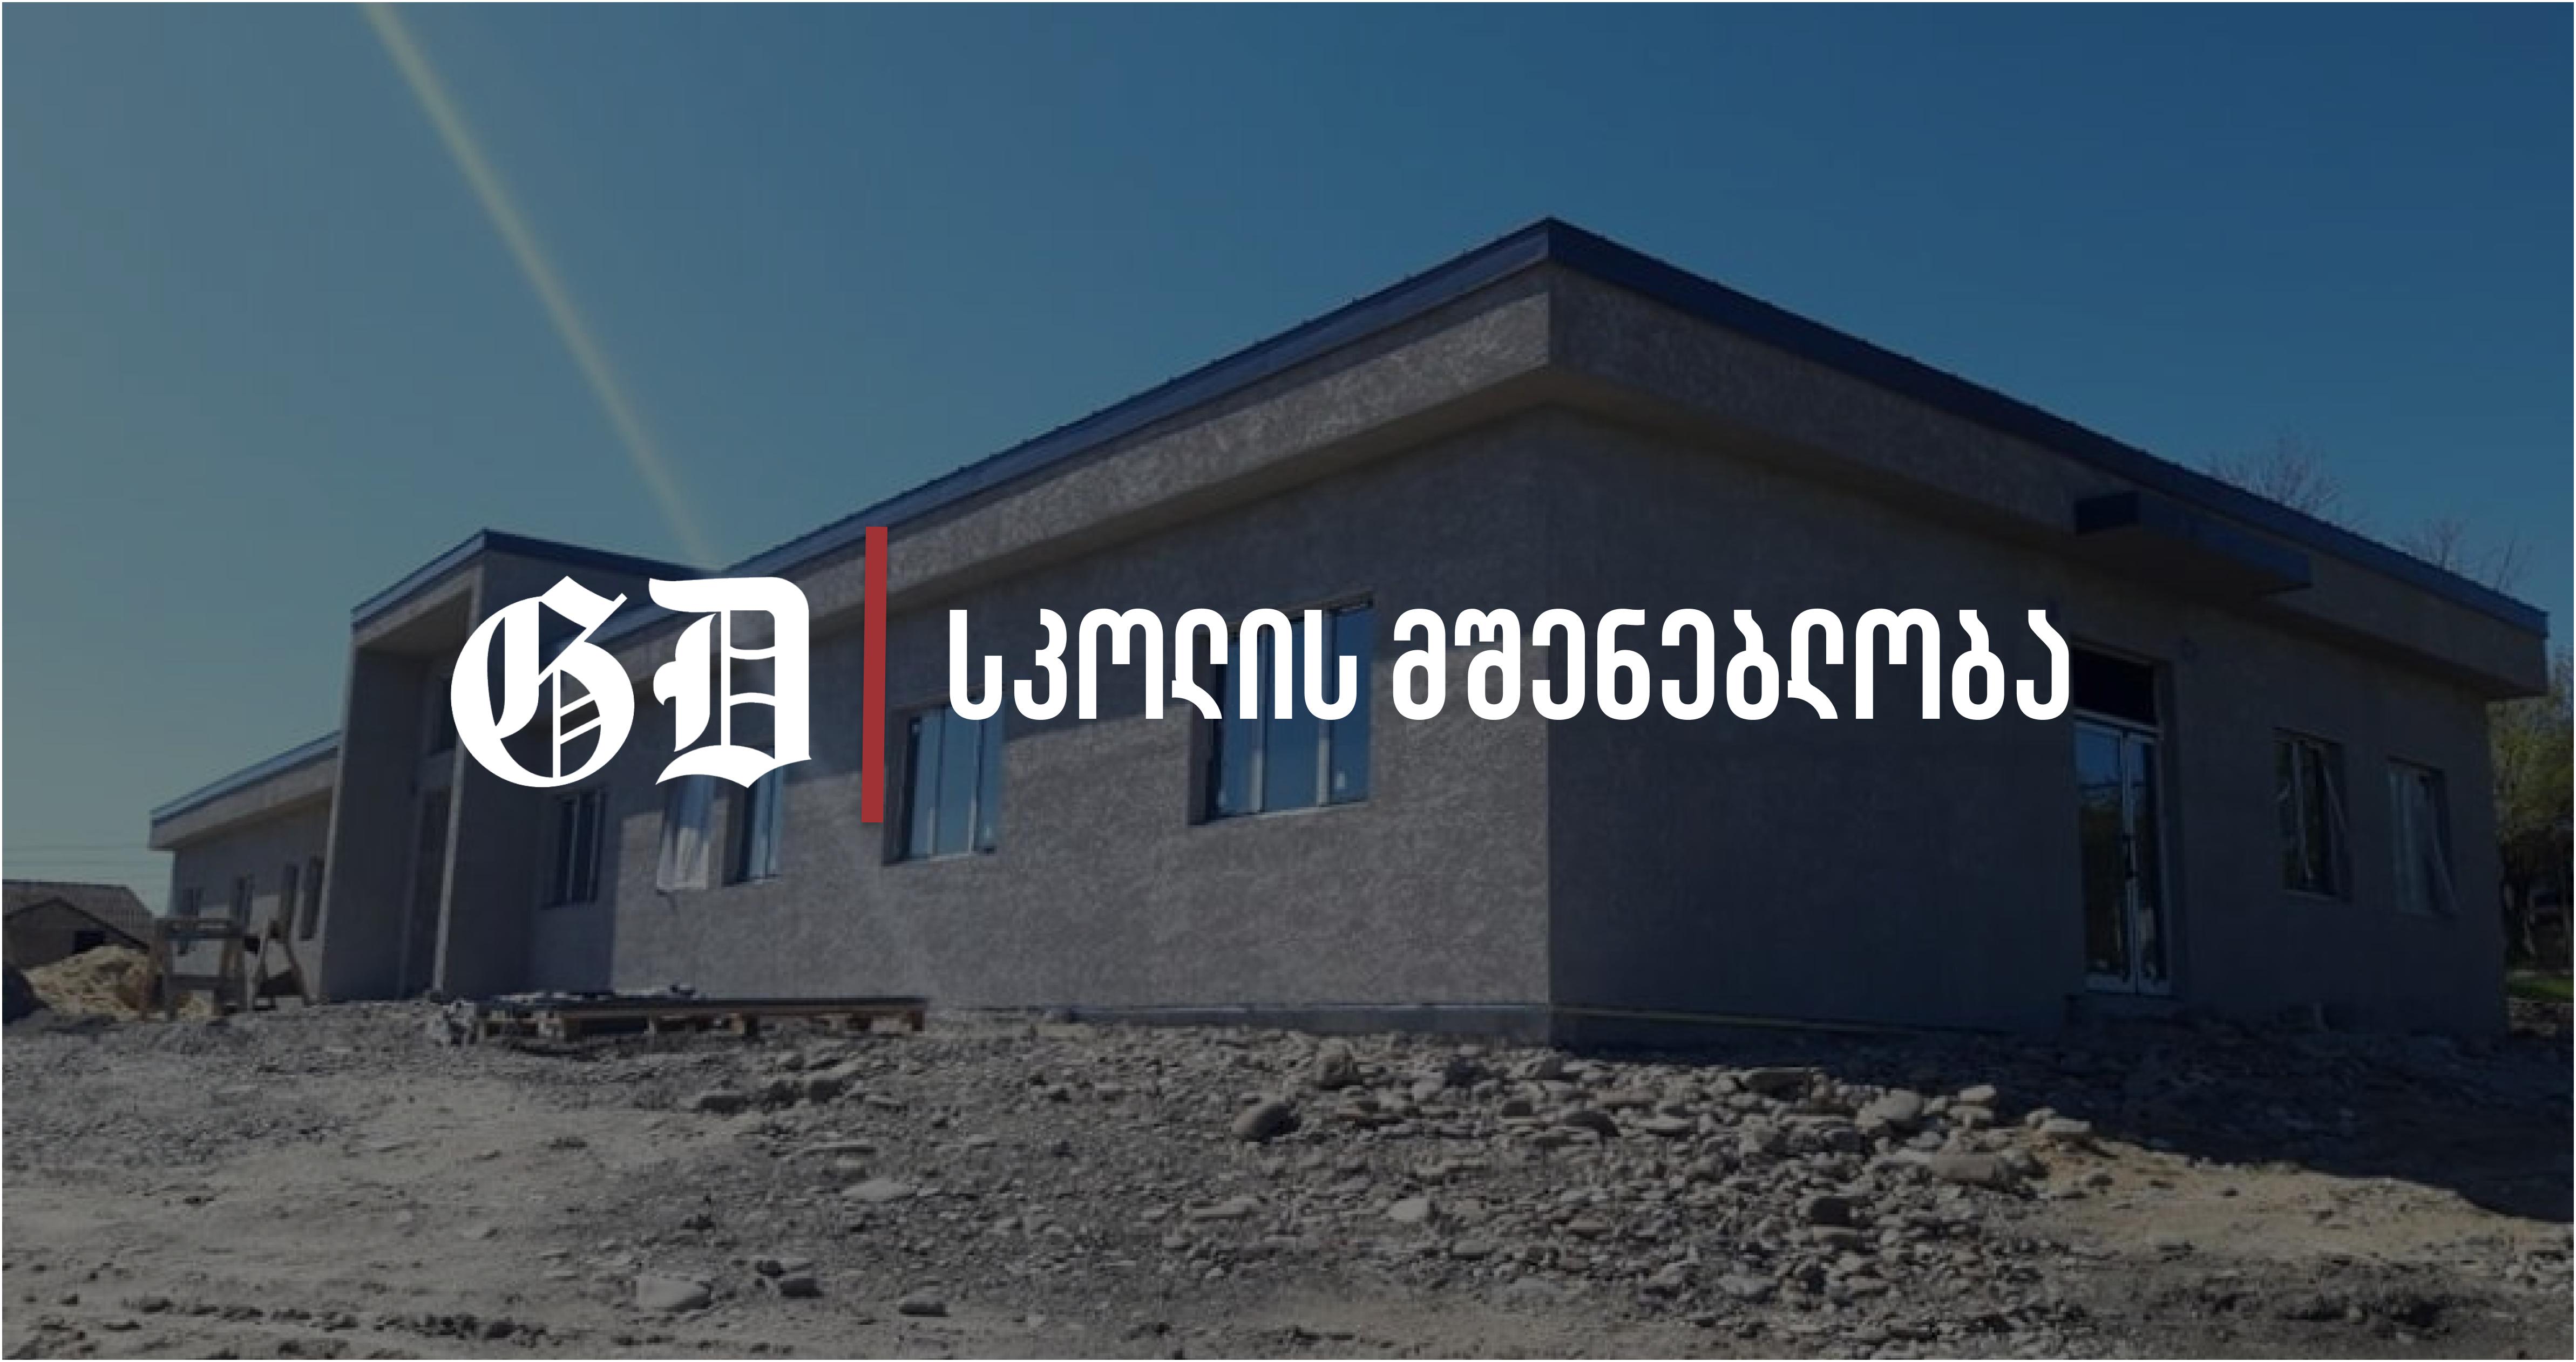 სოფელ კოდისწყაროში სკოლის მშენებლობა გრძელდება